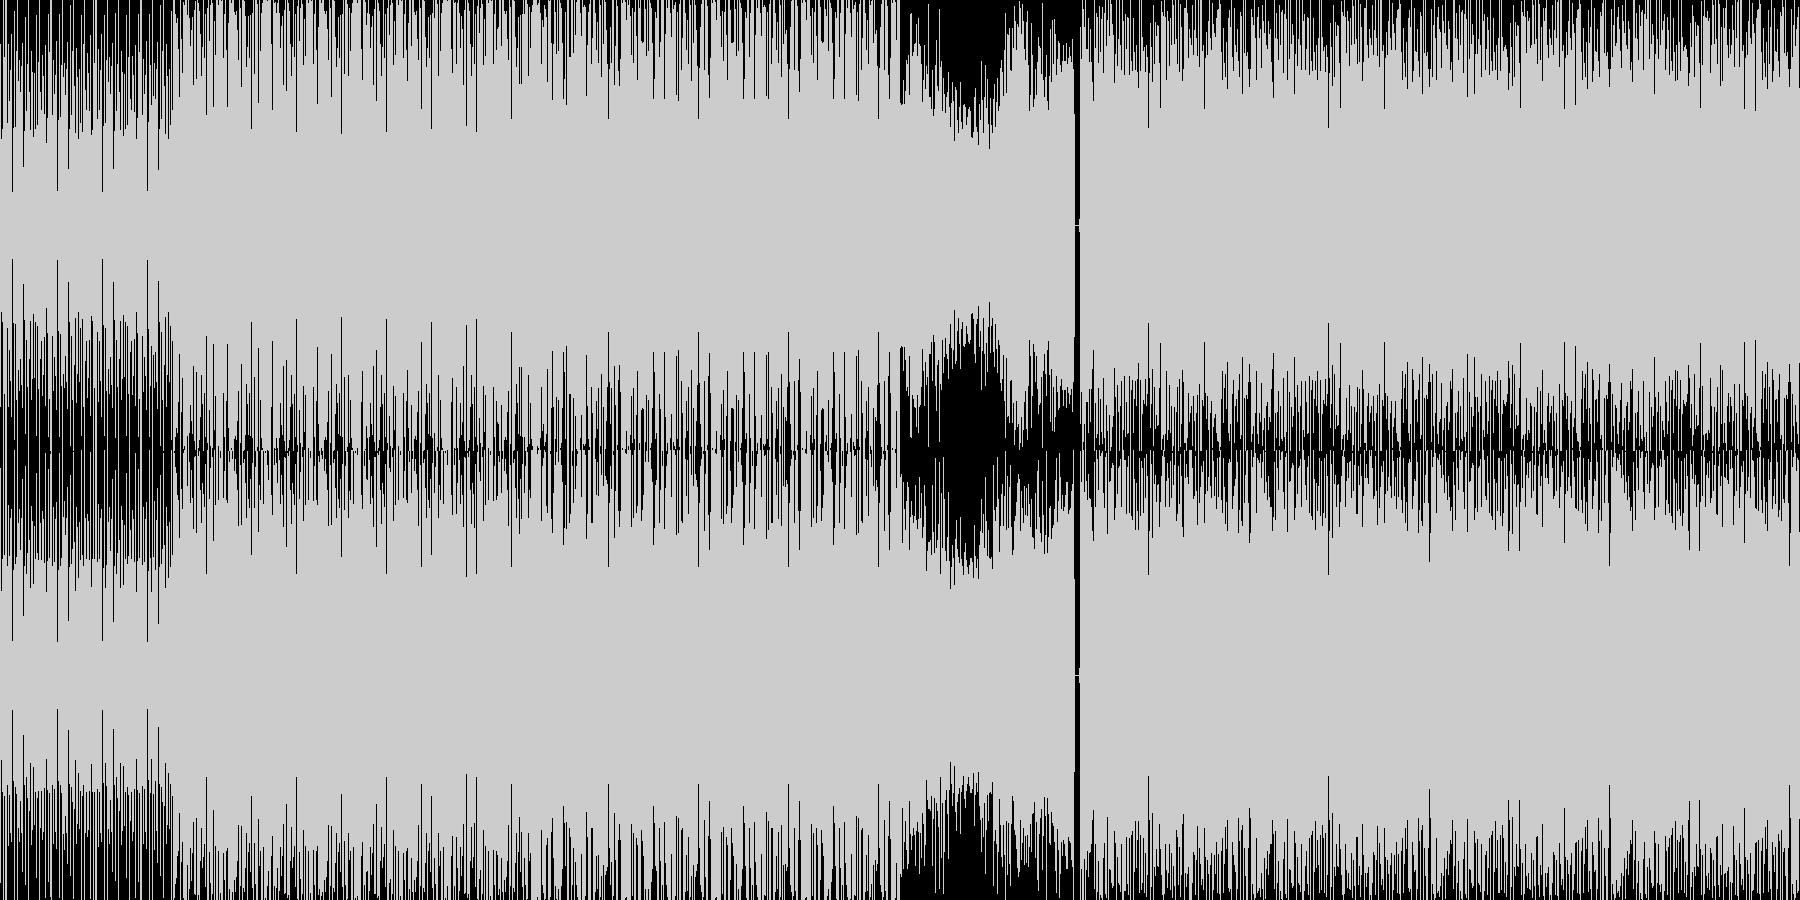 【トランス系ダンスミュージック】の未再生の波形